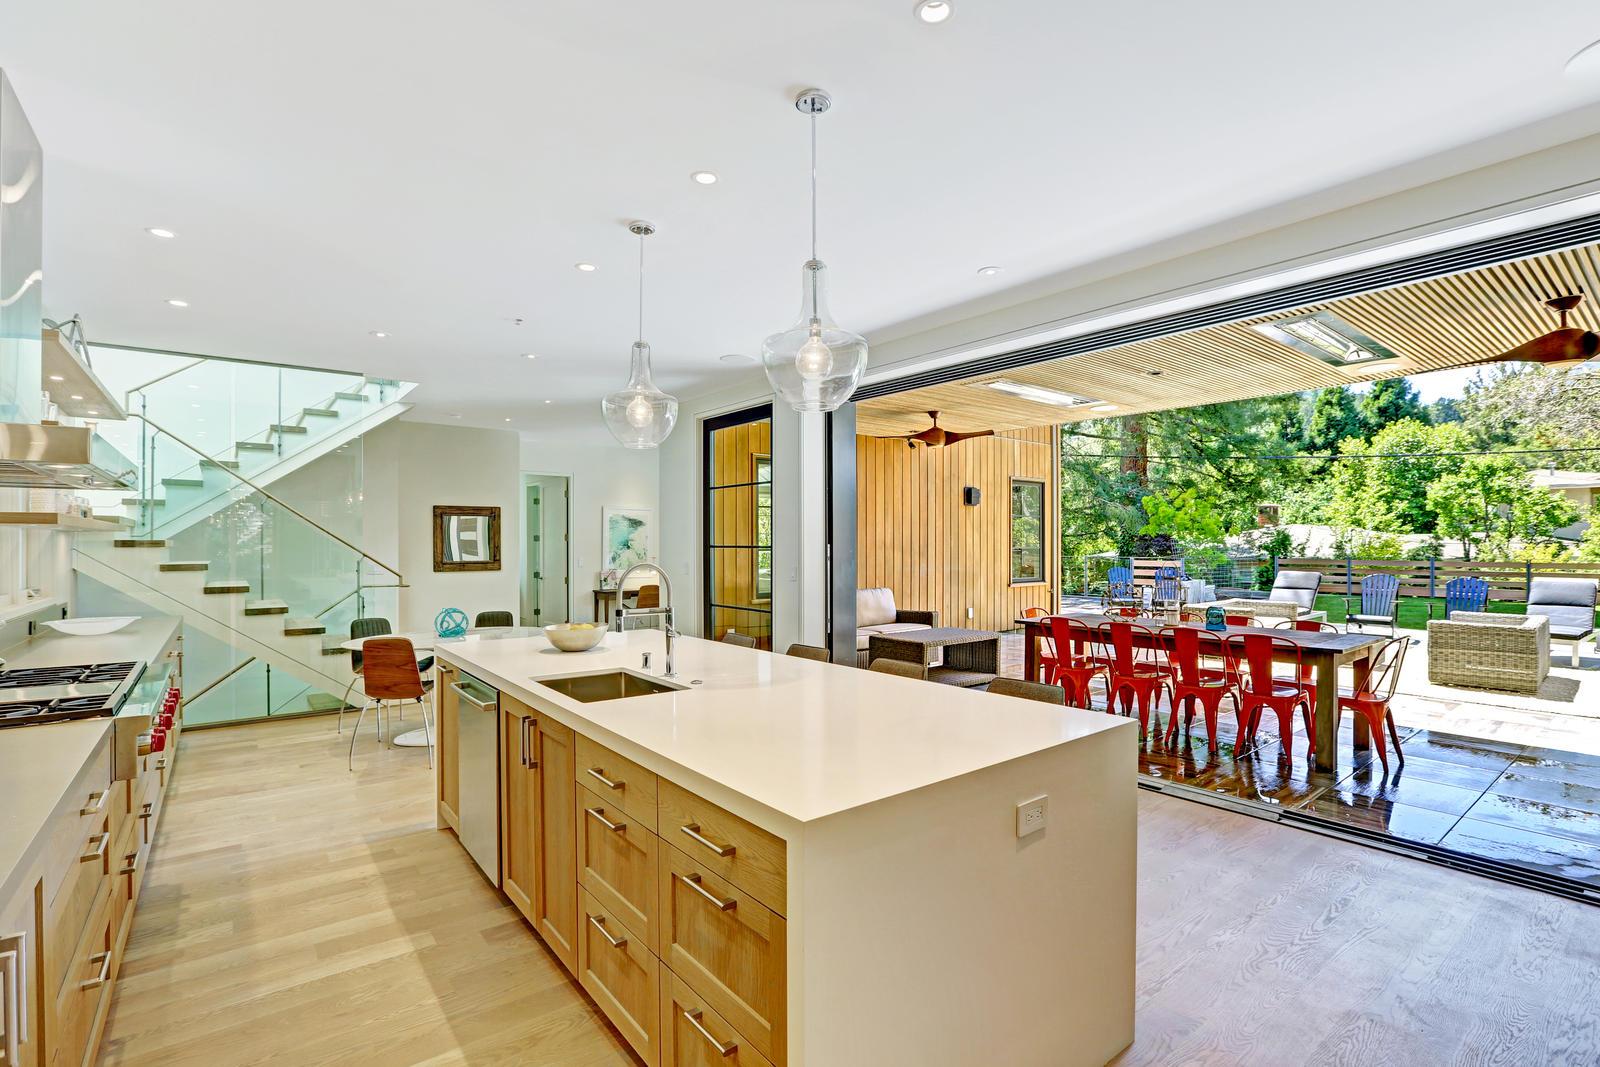 215Alexander_kitchen29.jpg